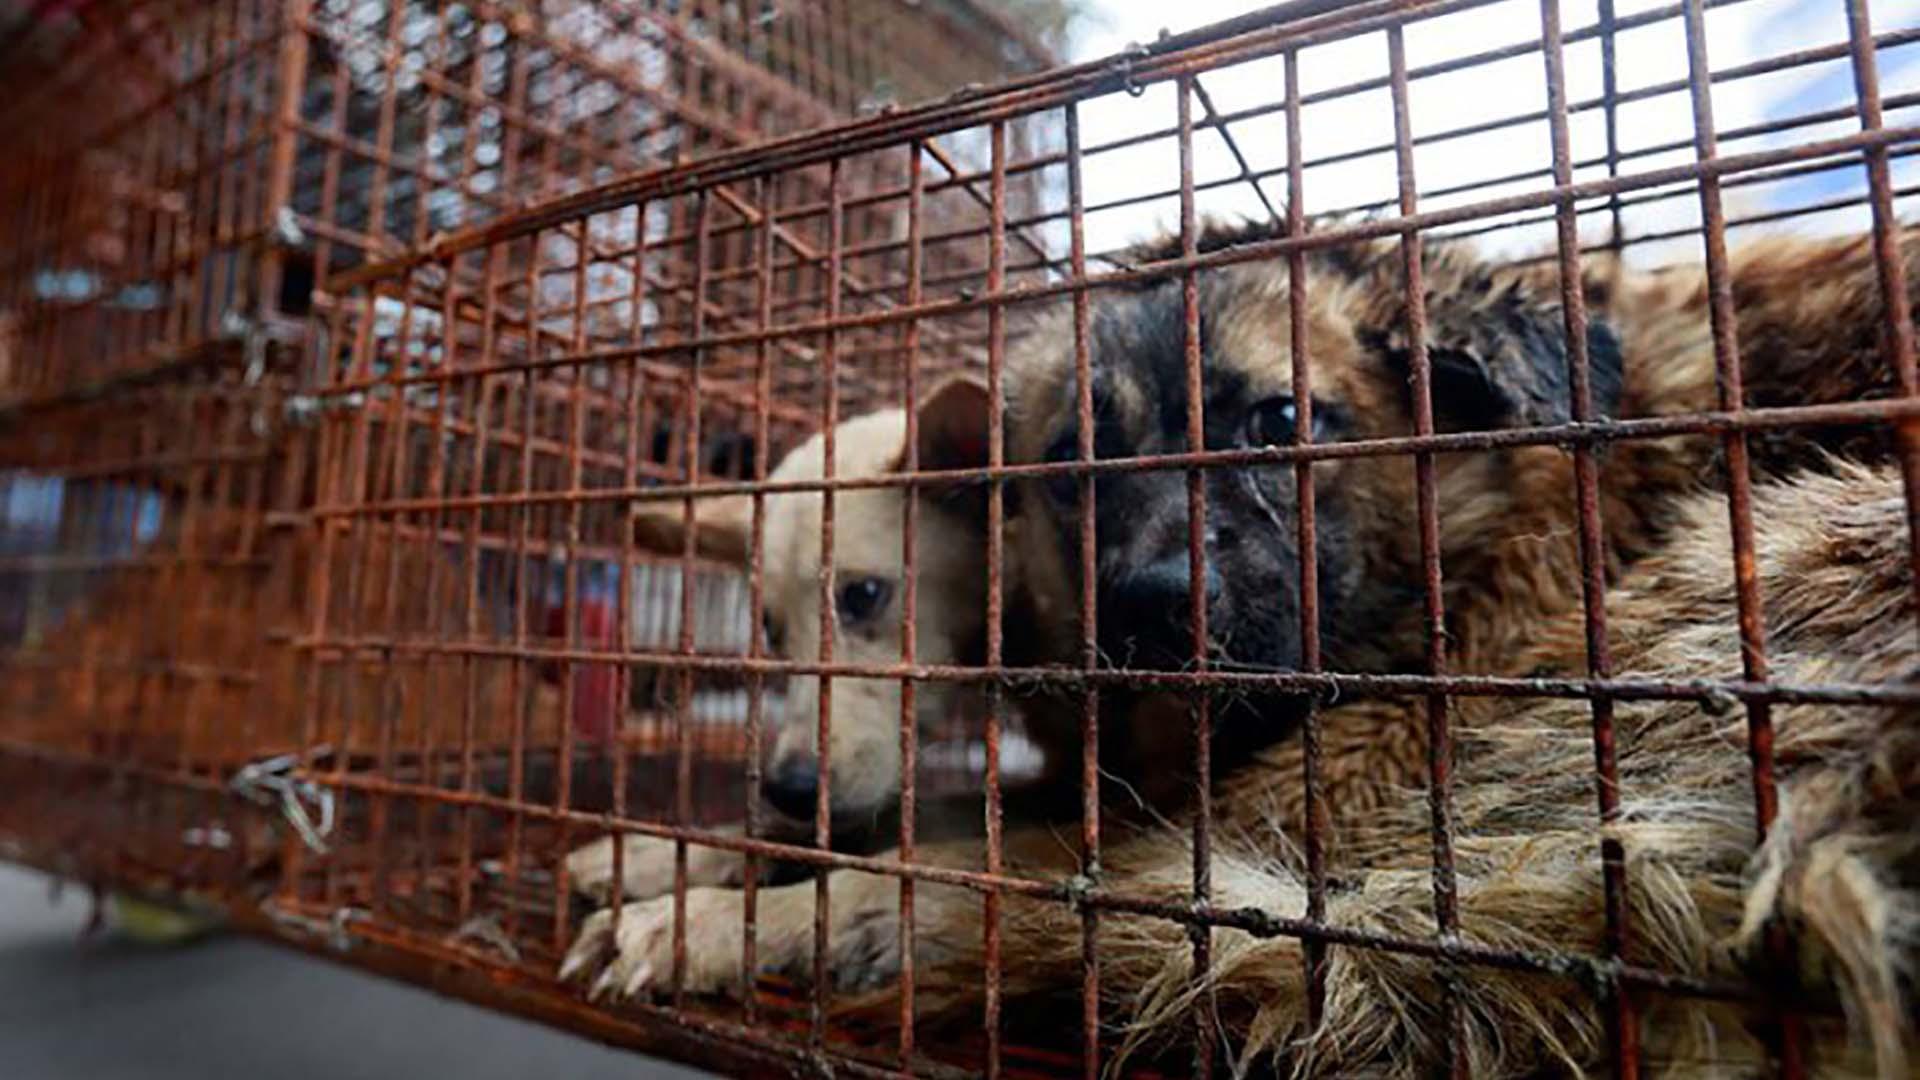 Vecinos y proteccionistas están preocupados por la ordenanza que autoriza la eutanasia de perros sanos, solo por vivir en las calles. (TiempoSur)